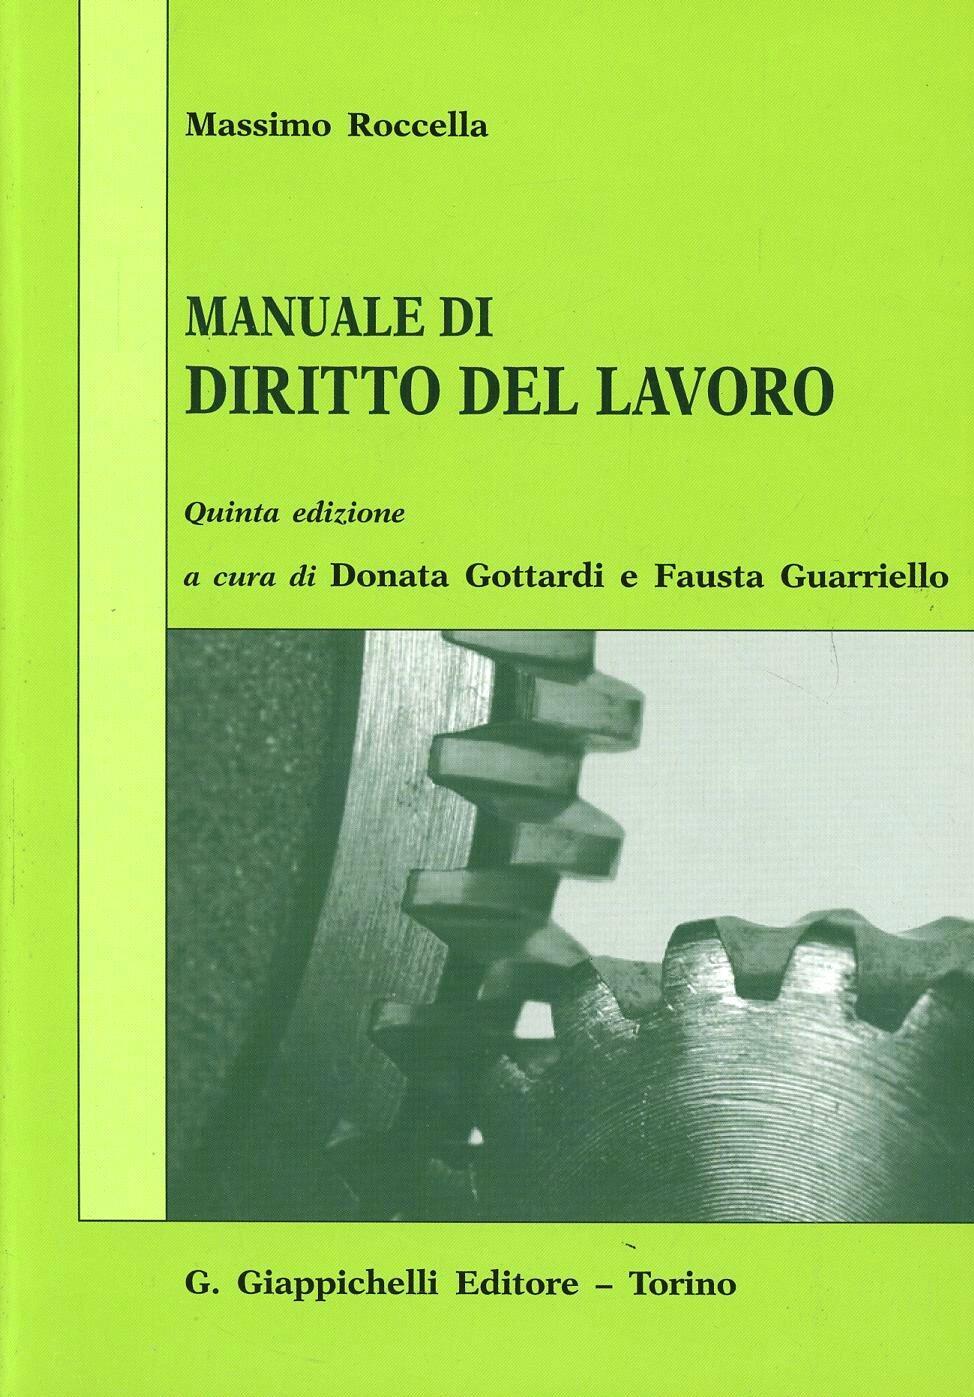 Manuale di Diritto del Lavoro 1 - Edizioni Simone